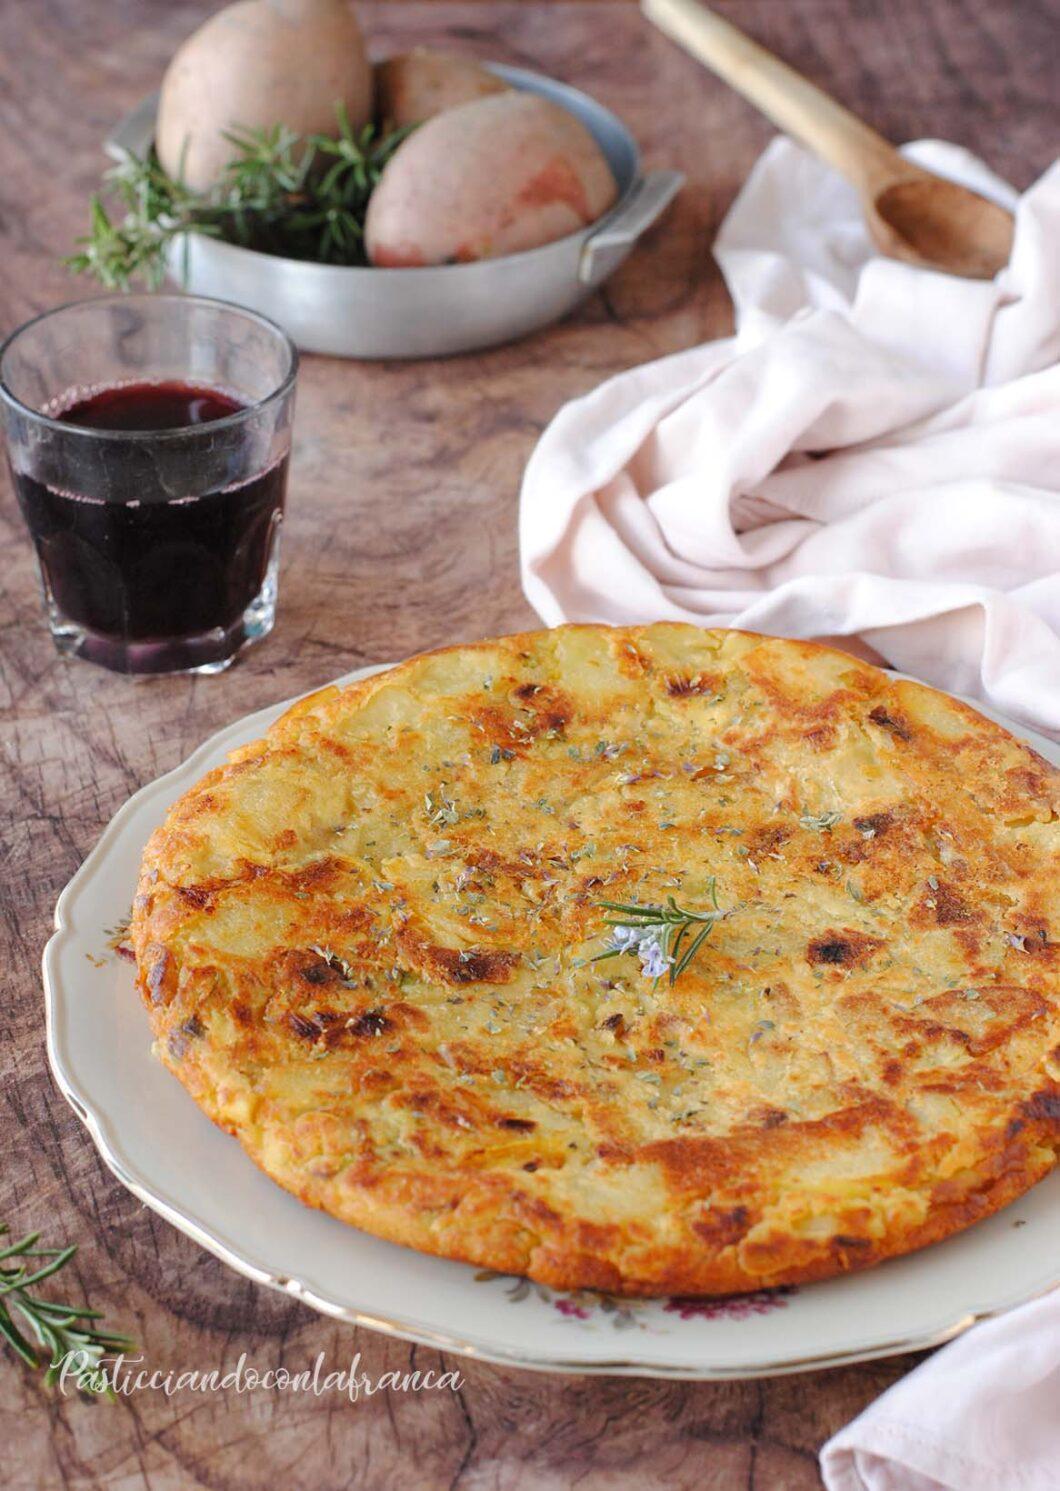 questa immagine rappresenta frittata di patate di nonna maria ricetta di pasticciandoocnlafranca